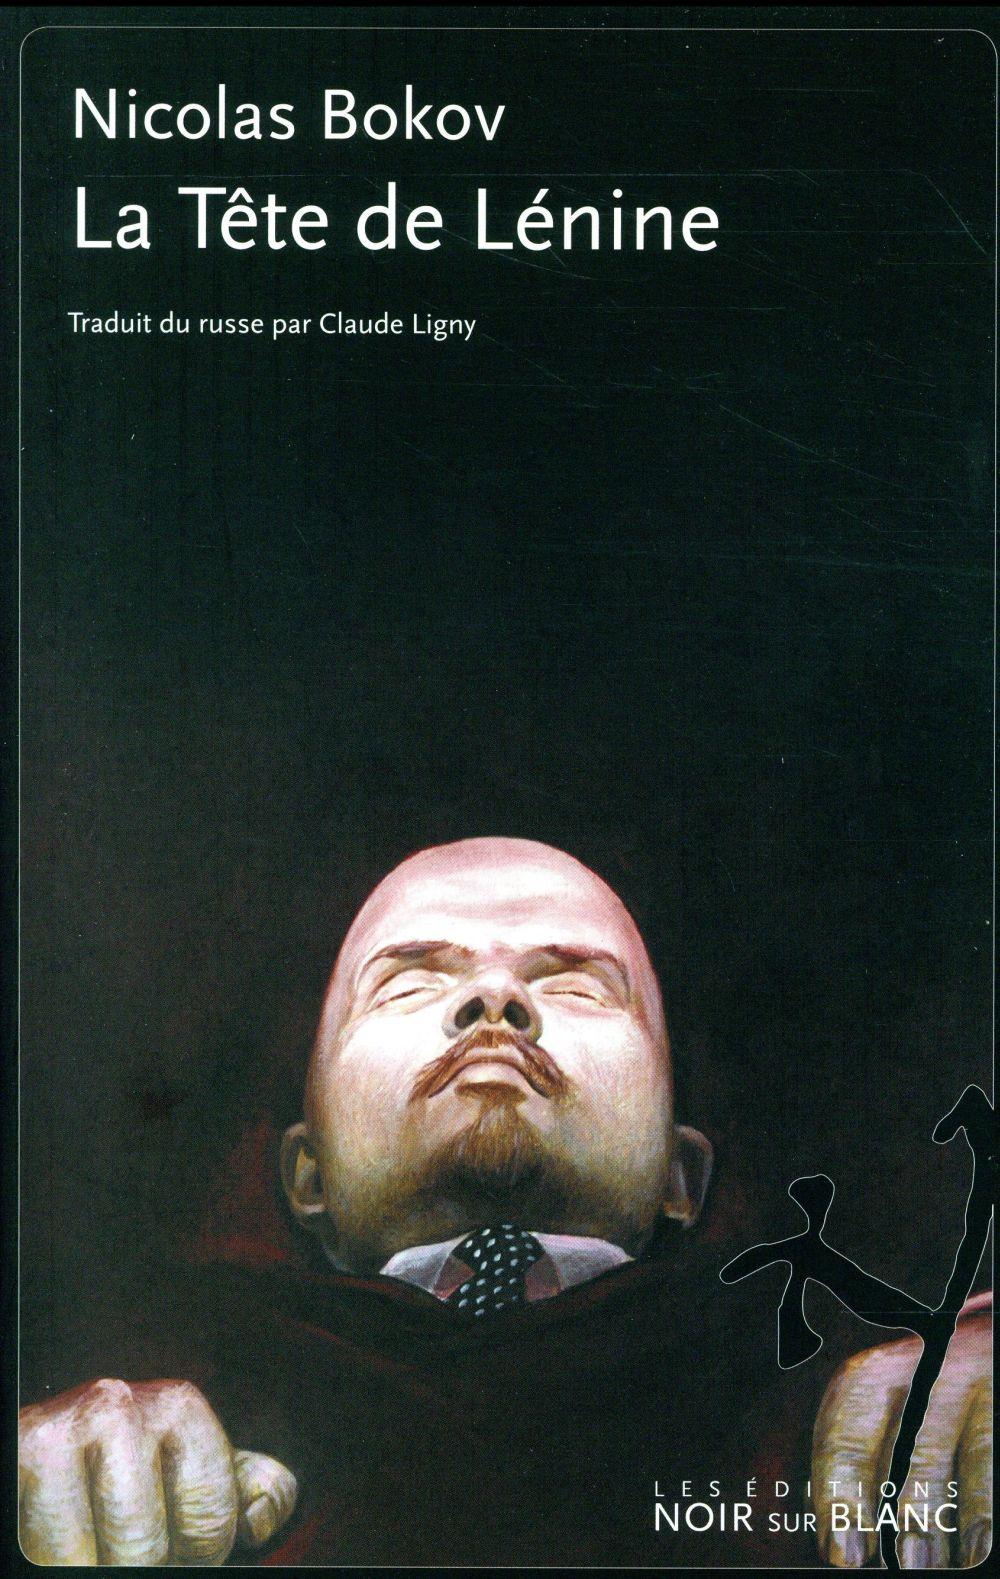 La tête de Lénine